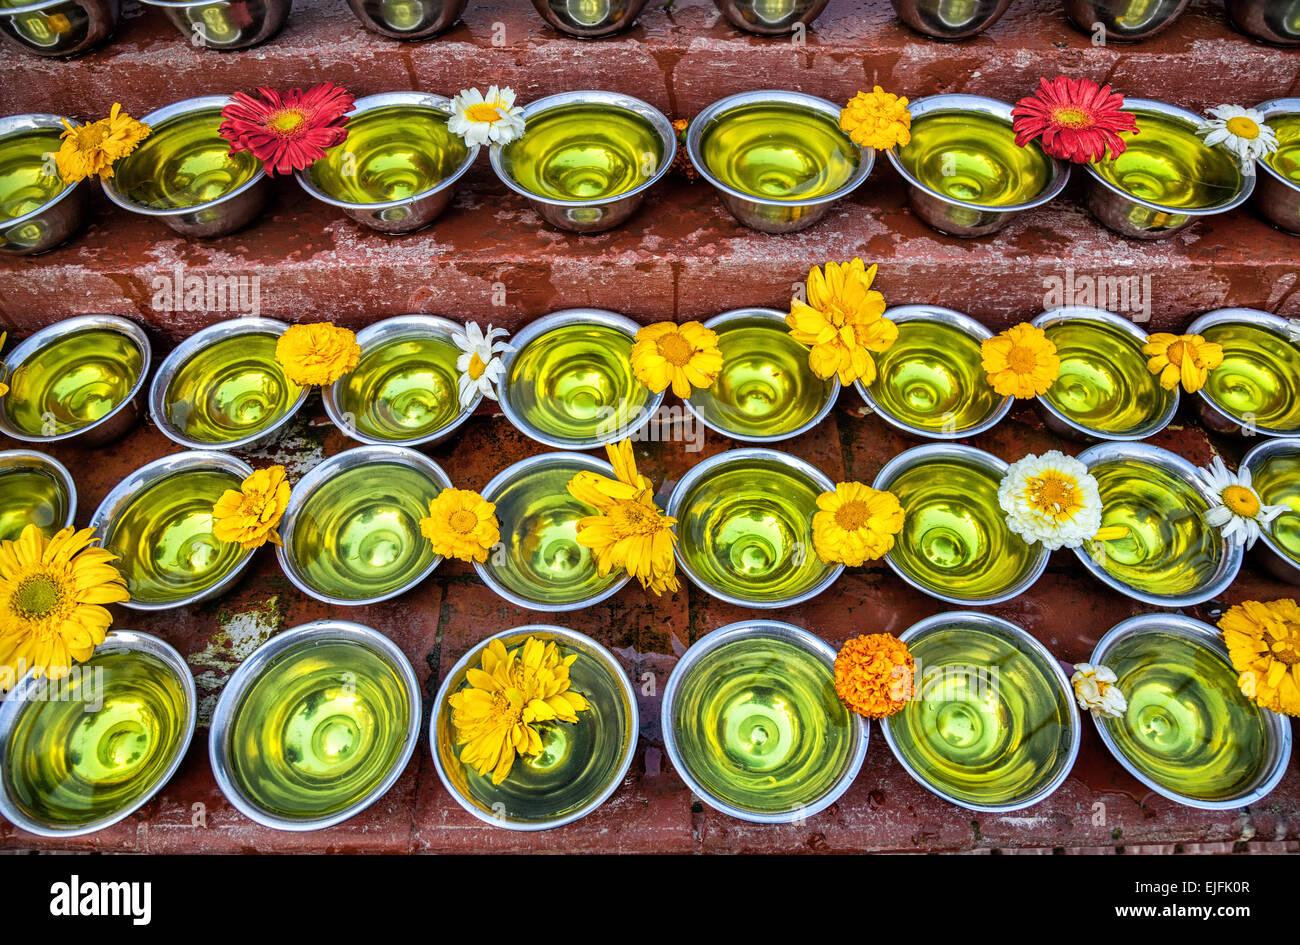 Schalen mit Safran Wasser und Blumen an Bodhnath Stupa in Kathmandu-Tal, Nepal Stockbild